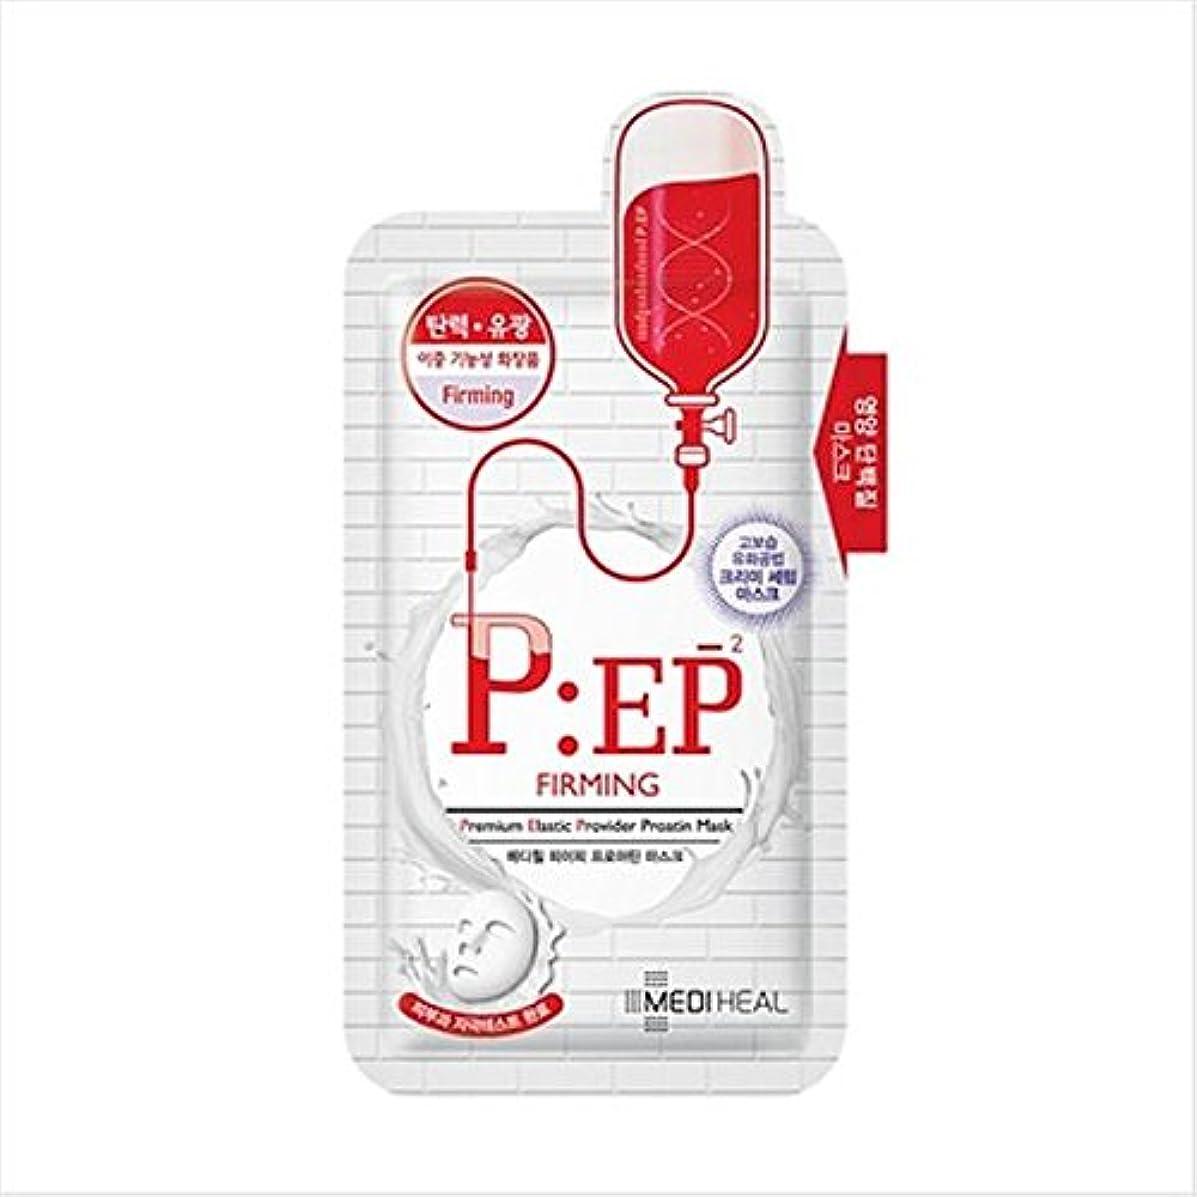 偽装するチロ答えMediheal P.E.P メディエアファーミングプロテインマスク(アクアリング)25 g x 10枚[並行輸入品]